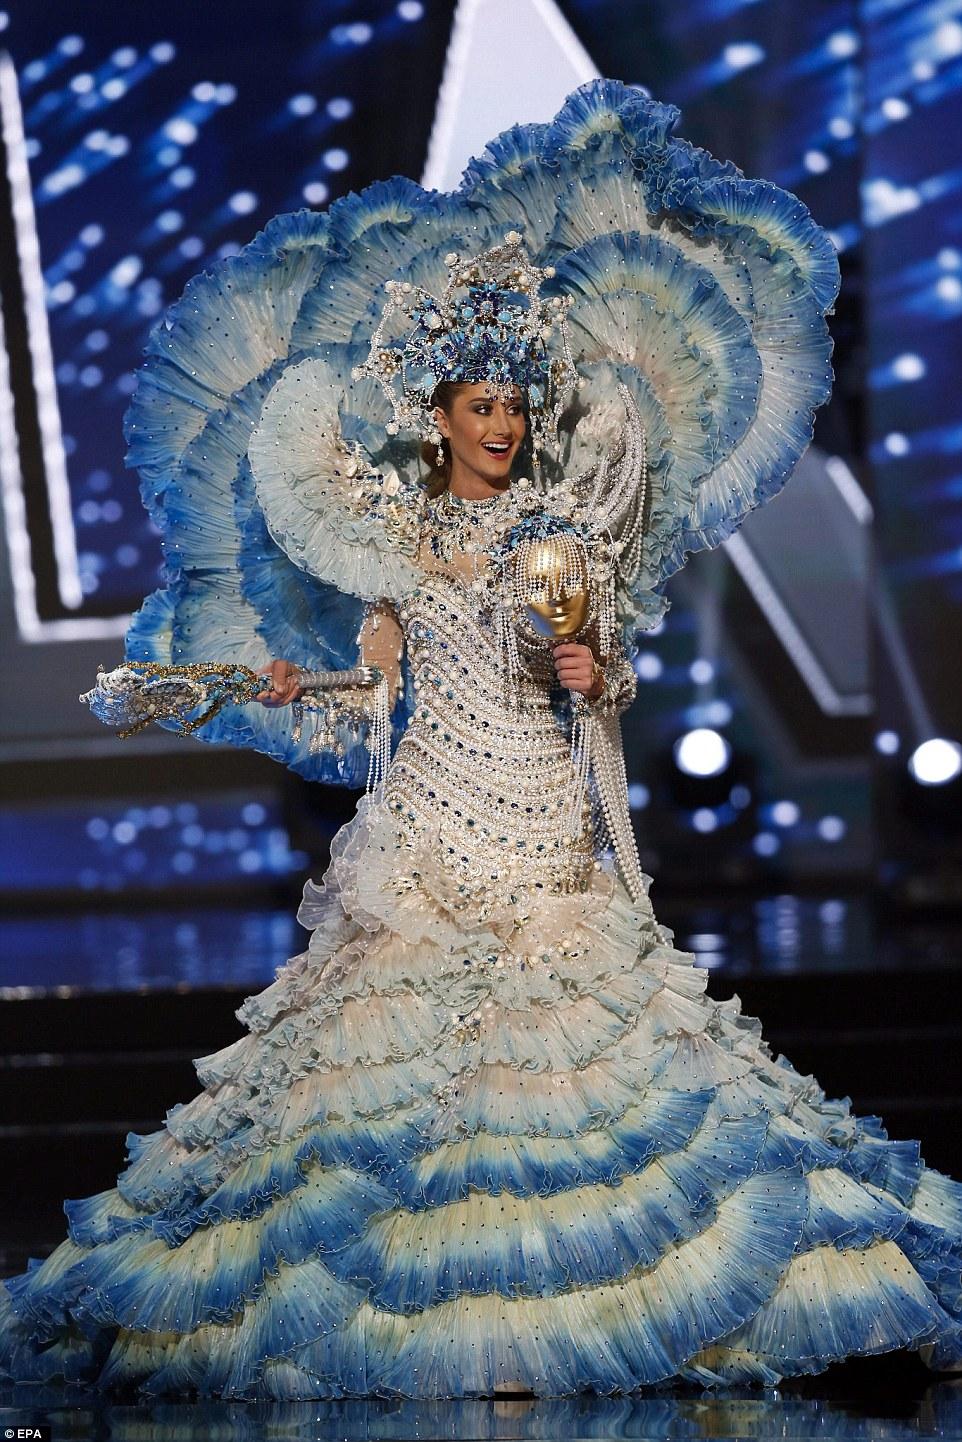 Участницы конкурса мисс вселенной 2017